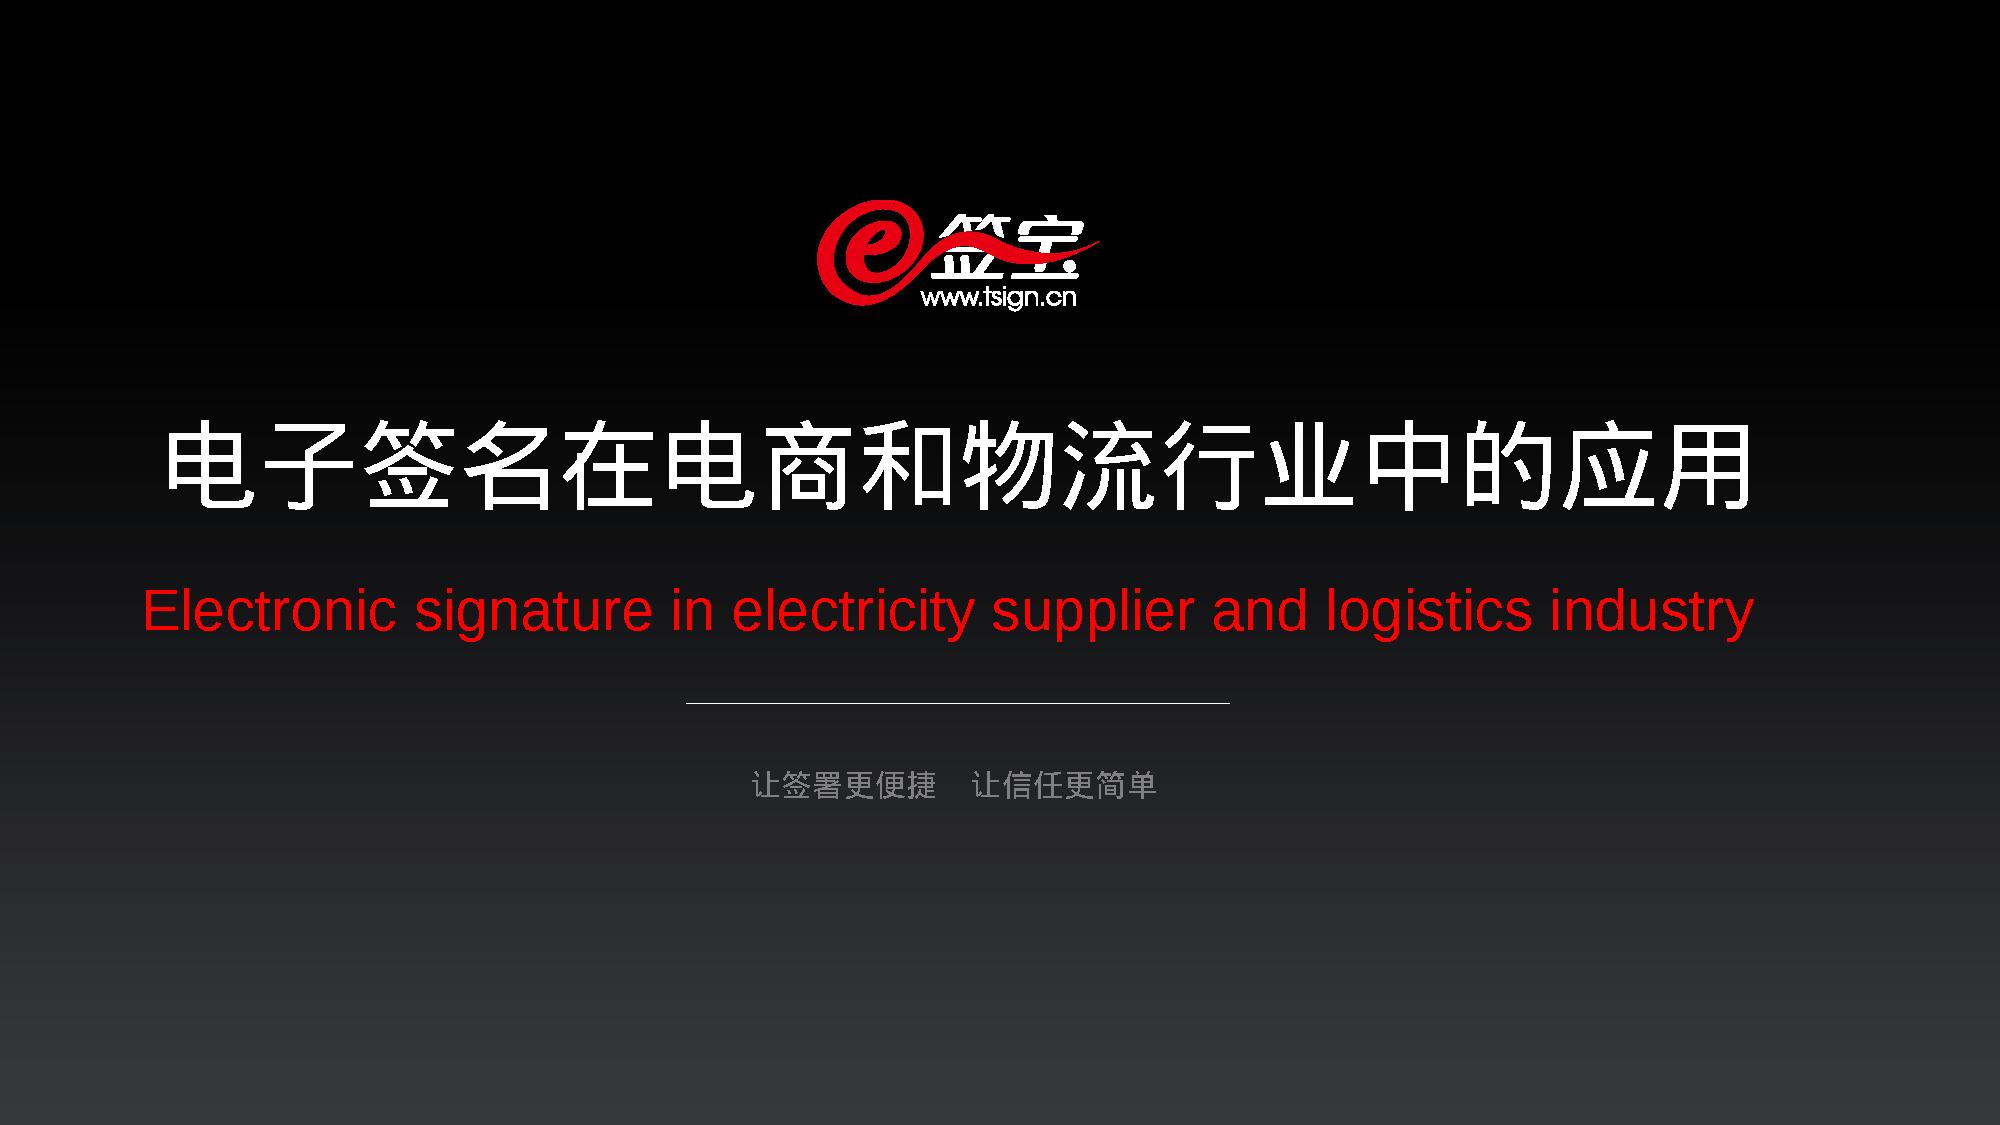 程亮-电子签名在电商和物流行业中的应用